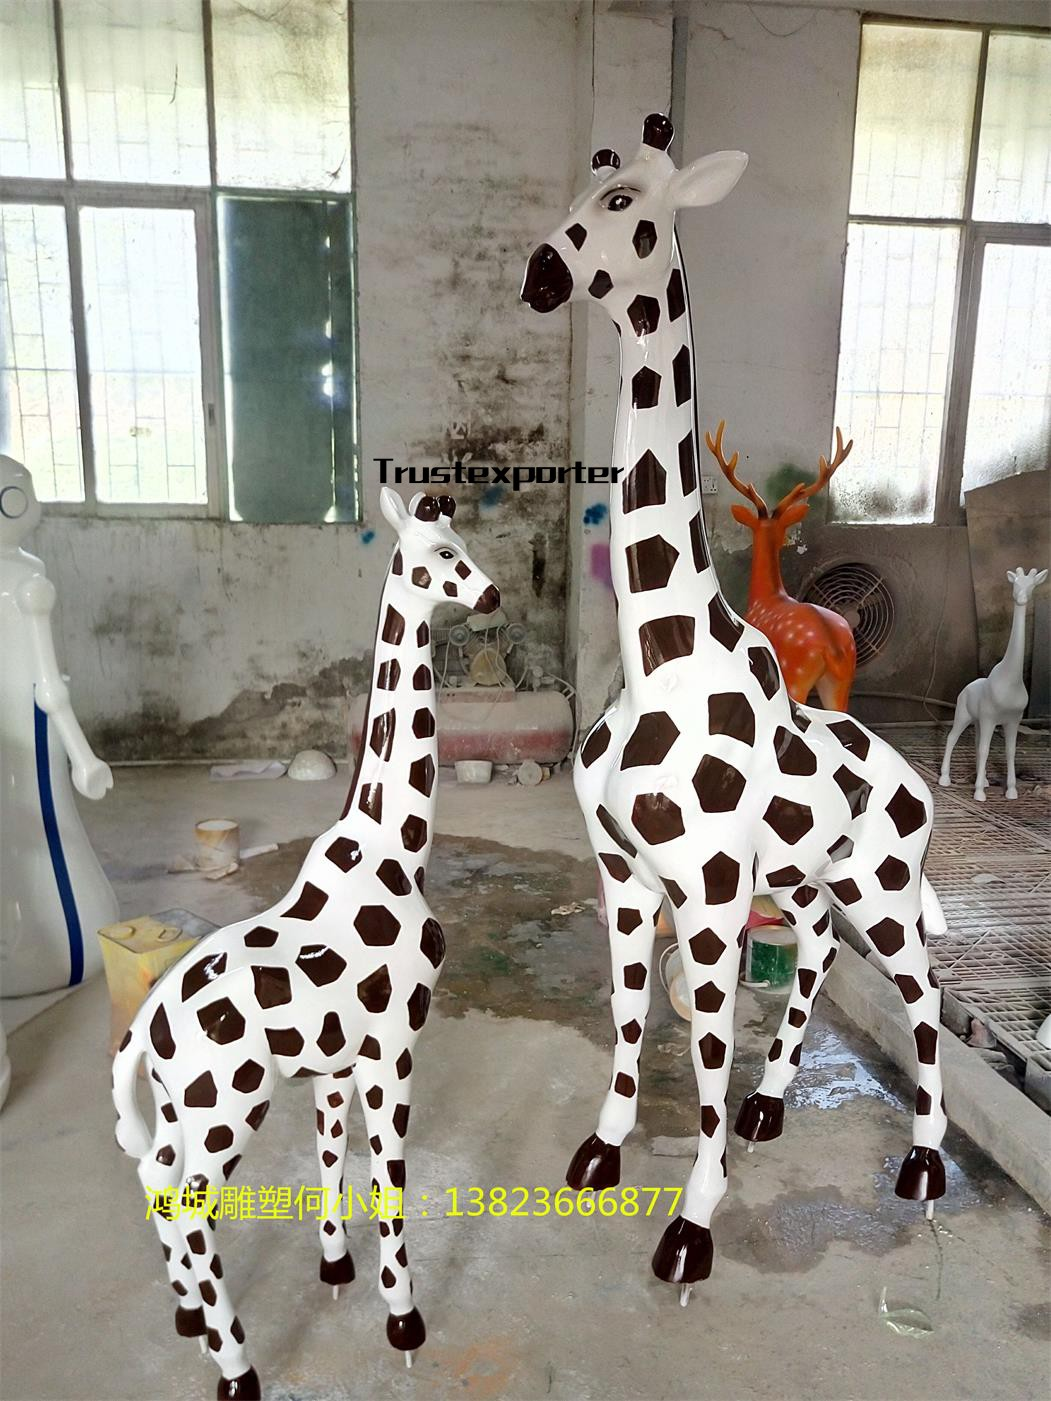 野生动物园雕塑摆件 大型长颈鹿雕塑装饰 随着玻璃钢逐渐在生活中流行,各种仿真动物模型摆件逐渐出现在人民的视野中,长颈鹿雕塑,斑马雕塑,大象雕塑,飞马雕塑,梅花鹿雕塑,牛雕塑,狮子雕塑,鳄鱼雕塑,熊猫雕塑,对于大型玻璃钢雕塑厂家来说玻璃钢雕塑好处还不止这些,玻璃钢人物雕塑价格会根据材料、寿命长短、机器设备、制作工艺等综合考虑来决定玻璃钢人物雕塑价格,目前市面上出售的人物雕塑有玻璃钢人物雕塑、玻璃钢西方人物雕塑、玻璃钢伟人雕塑、玻璃钢佛像雕塑、玻璃钢神像雕塑等不同种类产品。 雕塑在我国具有悠久的历史,且不因社